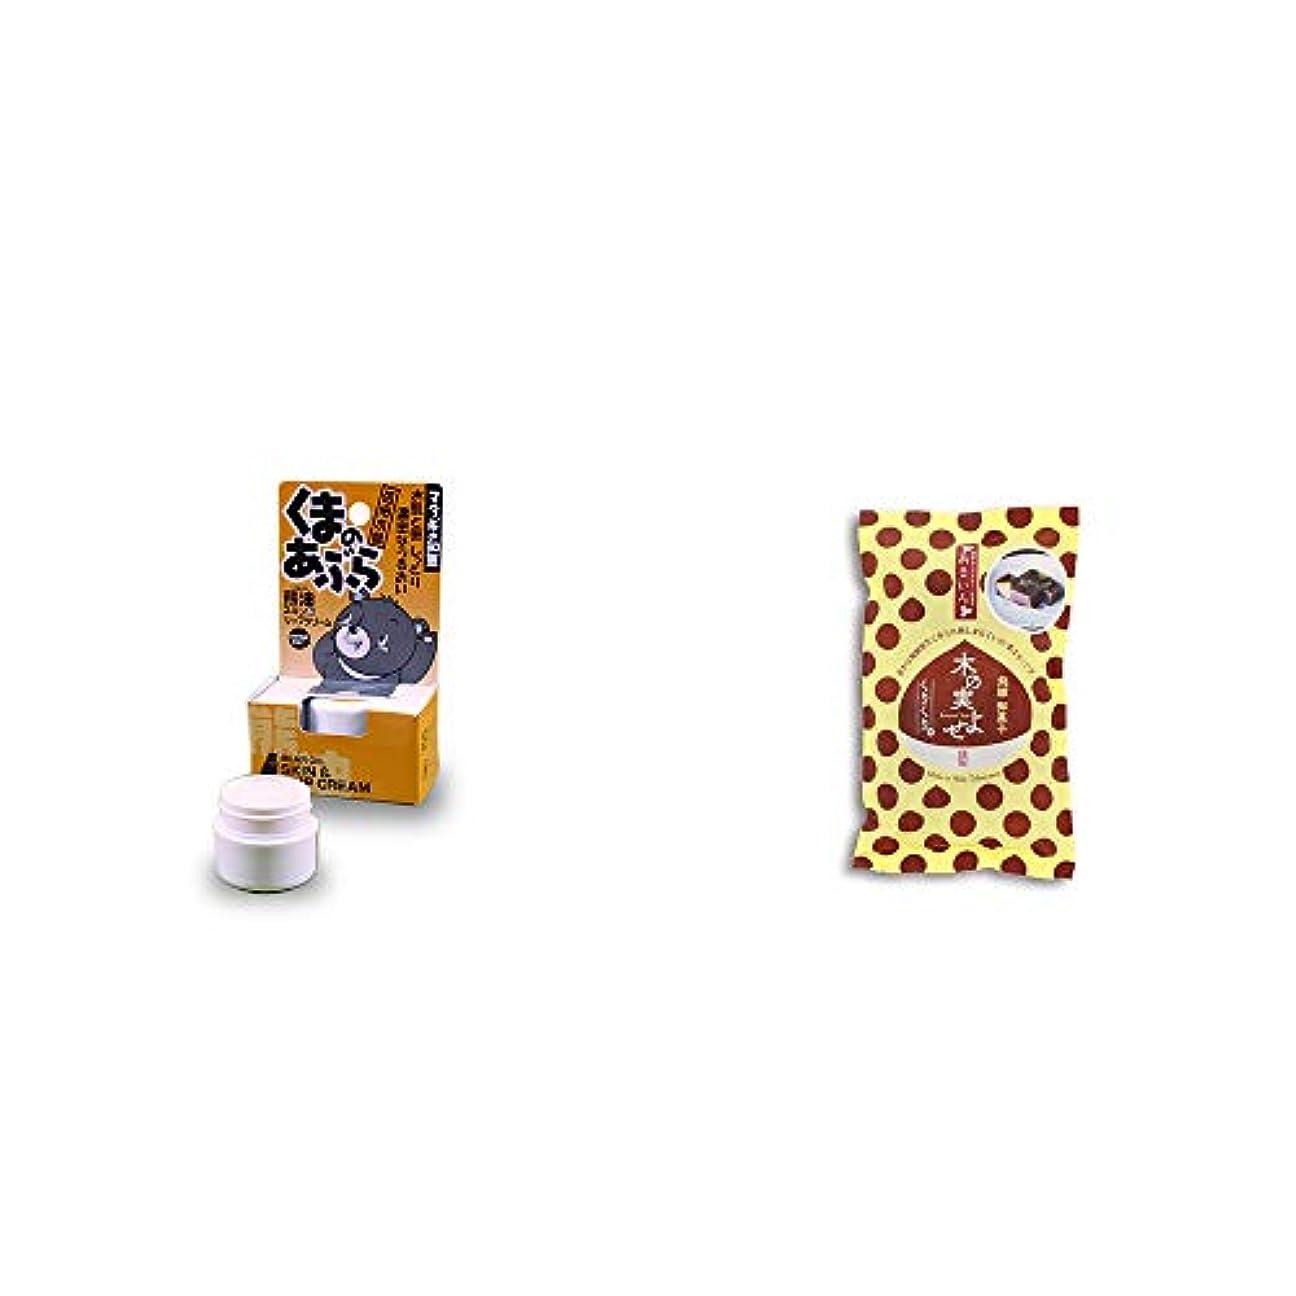 硬さ防止師匠[2点セット] 信州木曽 くまのあぶら 熊油スキン&リップクリーム(9g)?木の実よせ くりくり味(5個入)